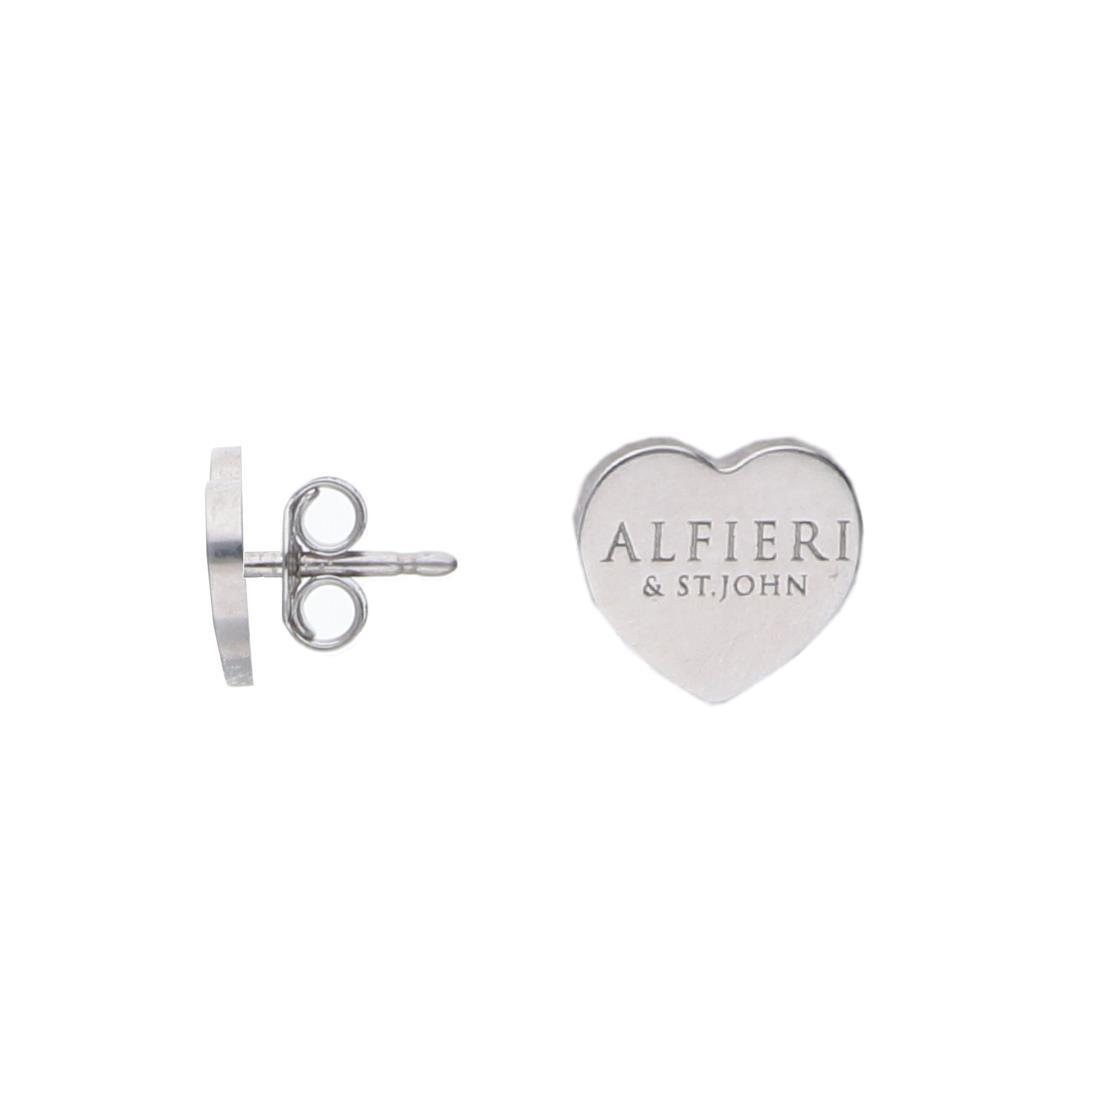 Orecchini a cuore in argento rodiato - ALFIERI & ST. JOHN 925